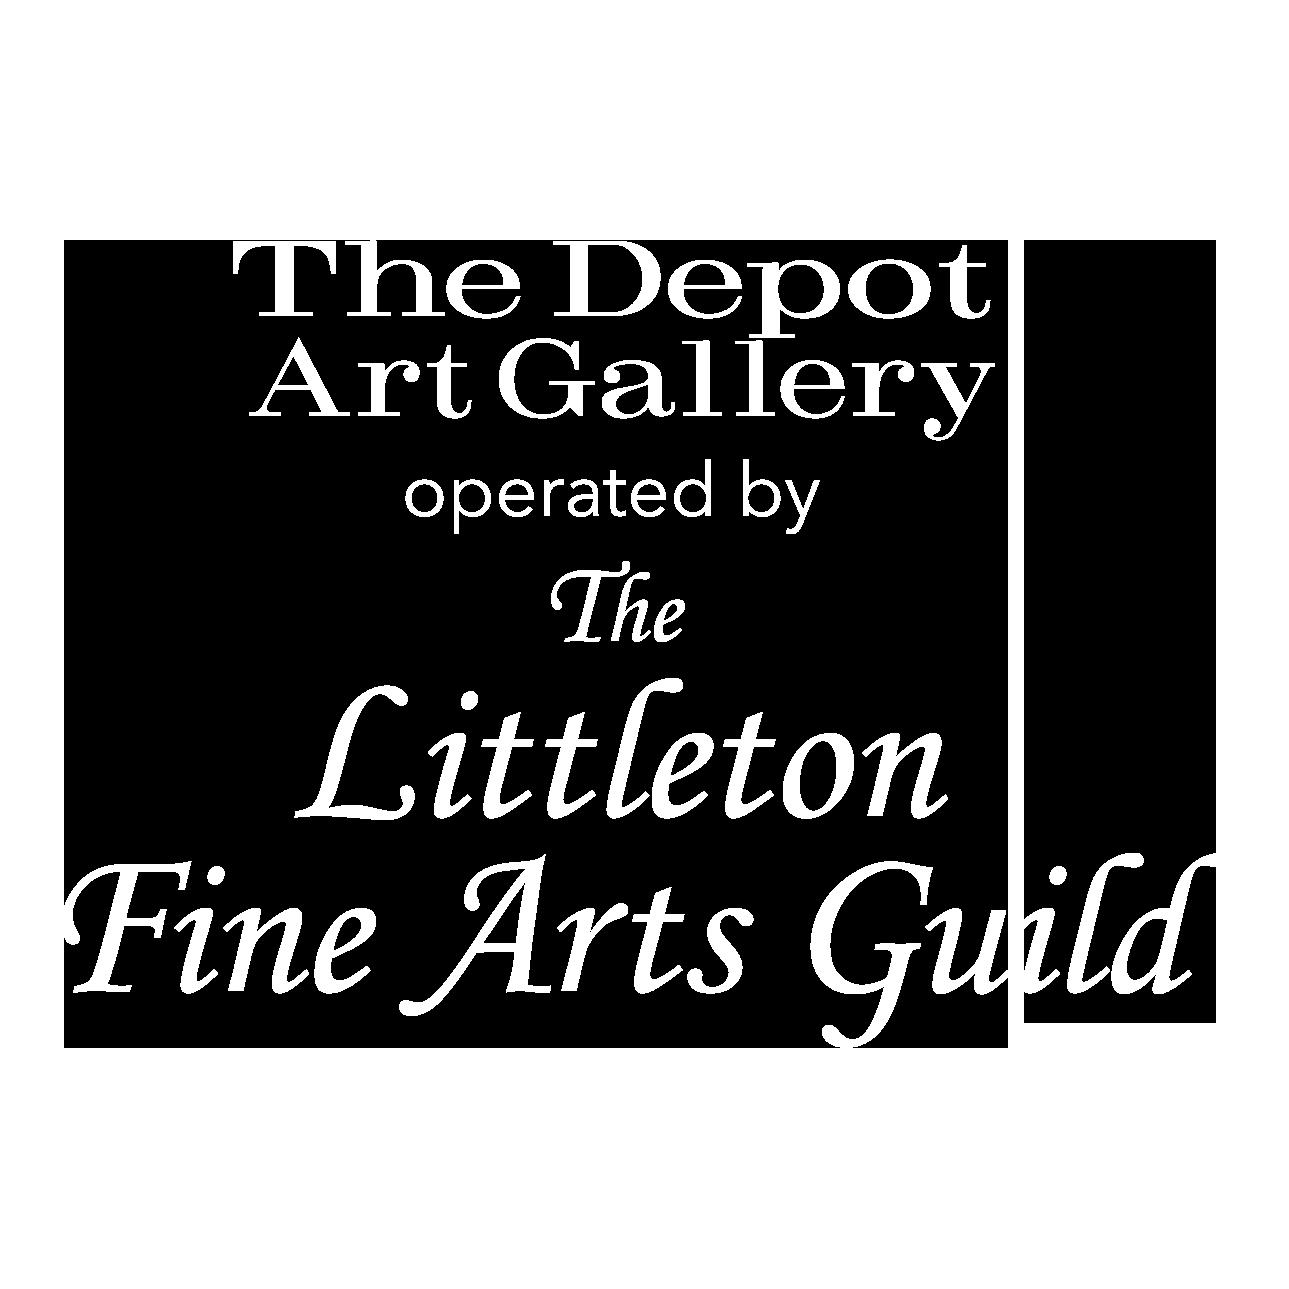 The Depot Art Gallery